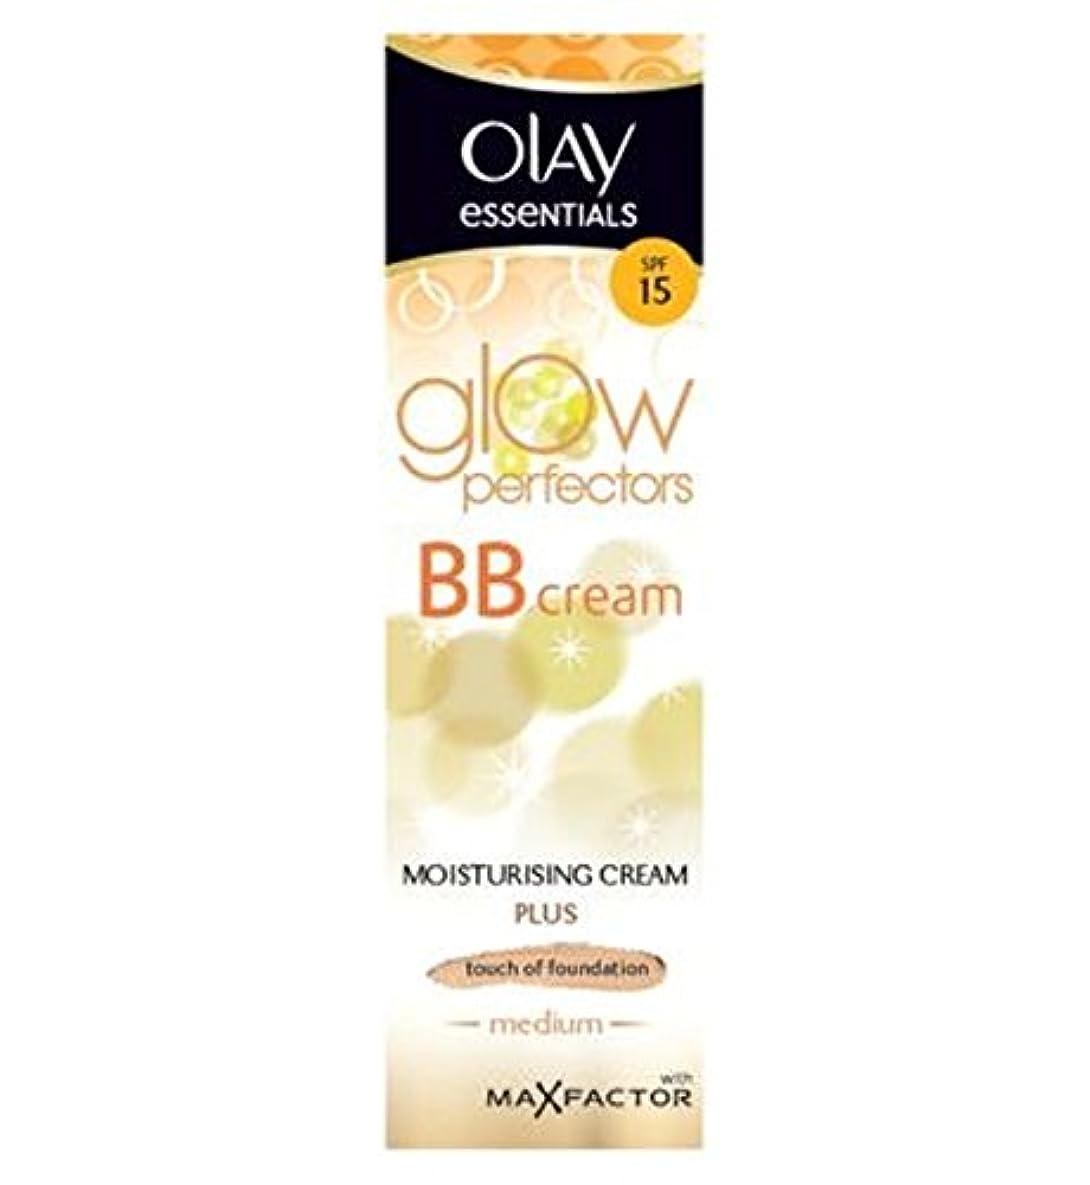 哀おしゃれじゃない力学Olay Complete BB Cream SPF15 Skin Perfecting Tinted Moisturiser 50ml - Medium - 着色保湿50ミリリットルを完成オーレイ完全なBbクリームSpf15...